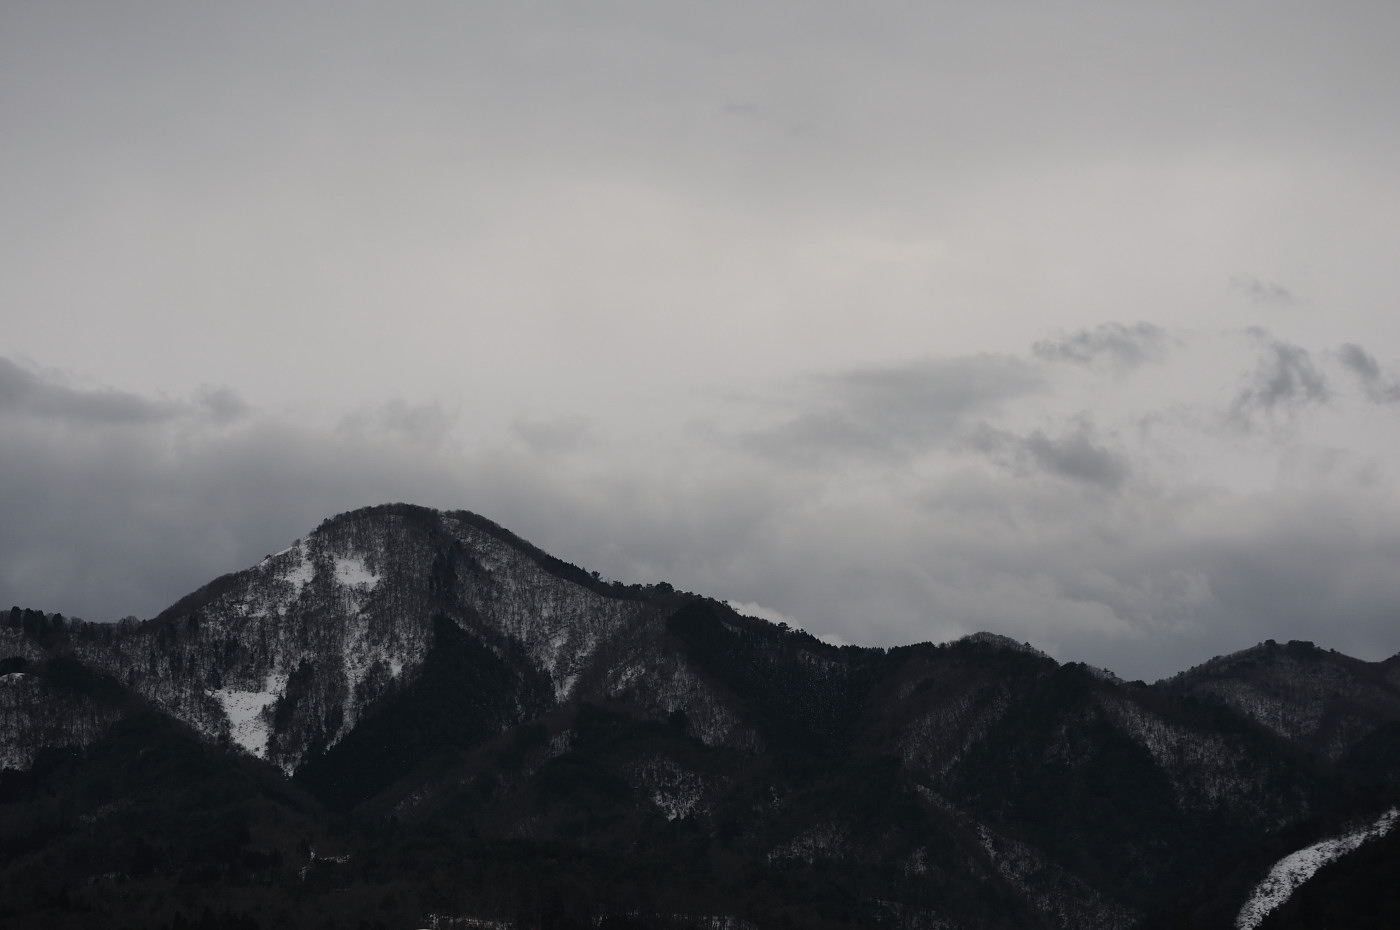 もっと雪がたくさんあったら良い感じの山だったかもです